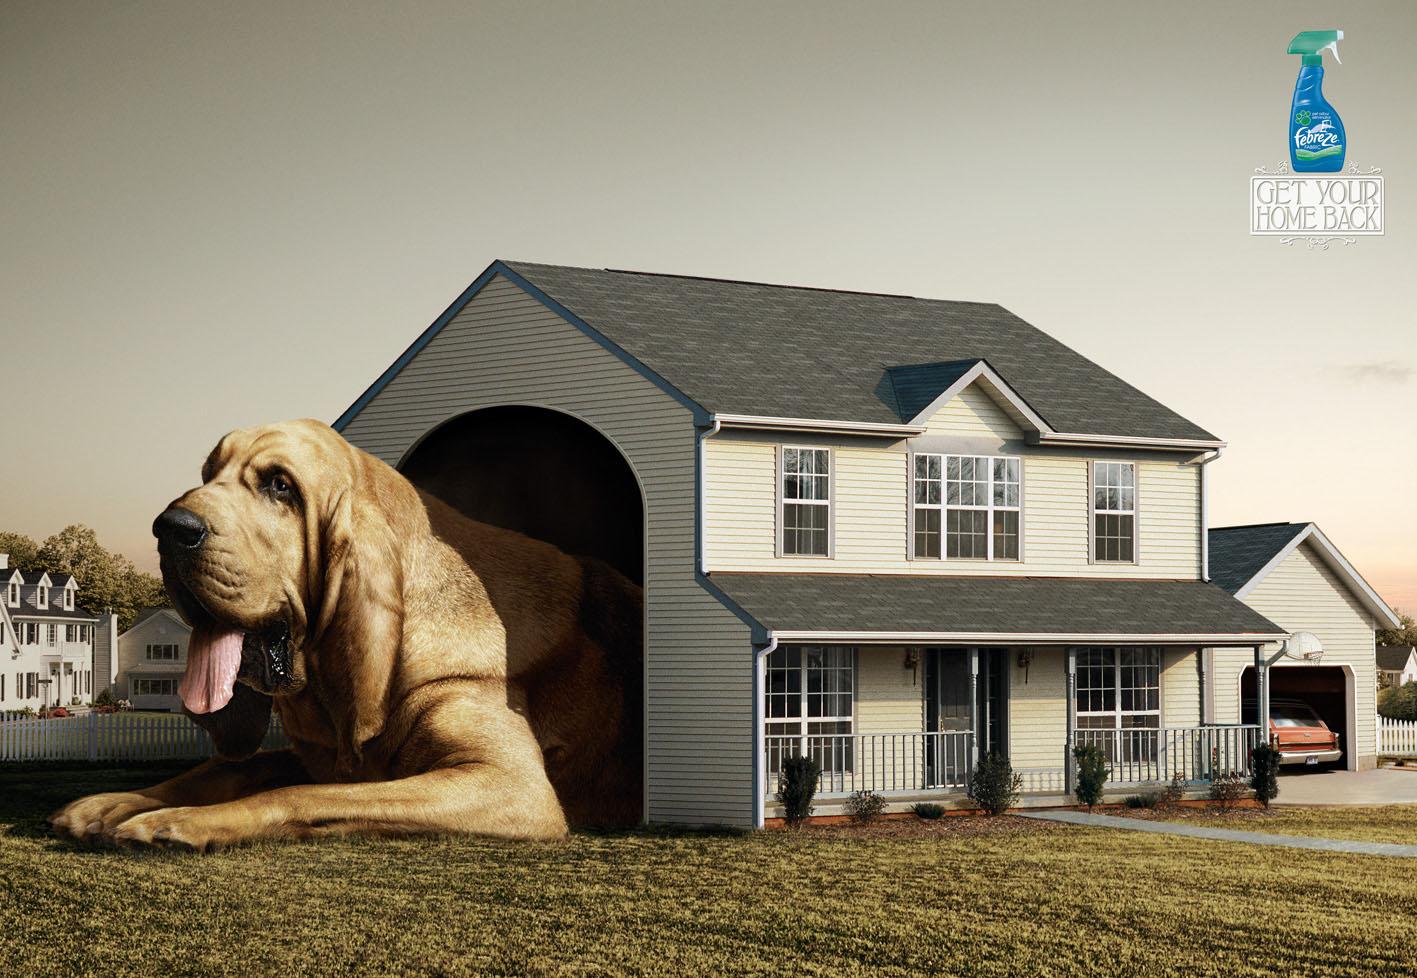 https://i1.wp.com/www.ibelieveinadv.com/commons/doghouse_febreze.jpg